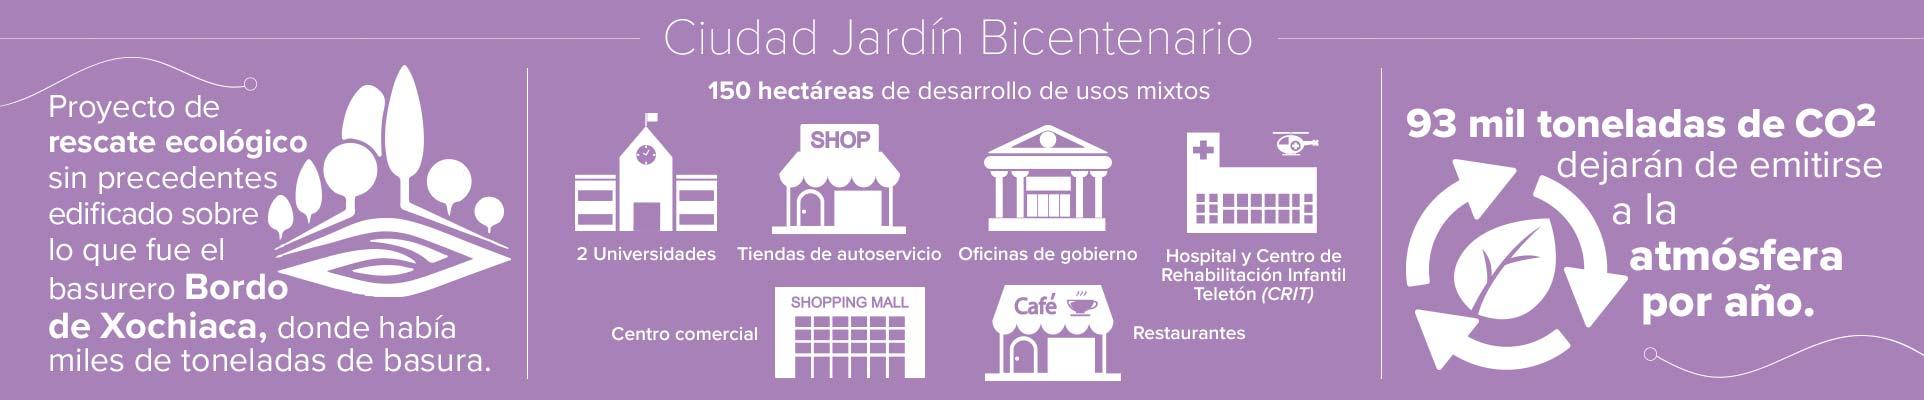 Ciudad Jardín Bicentenario